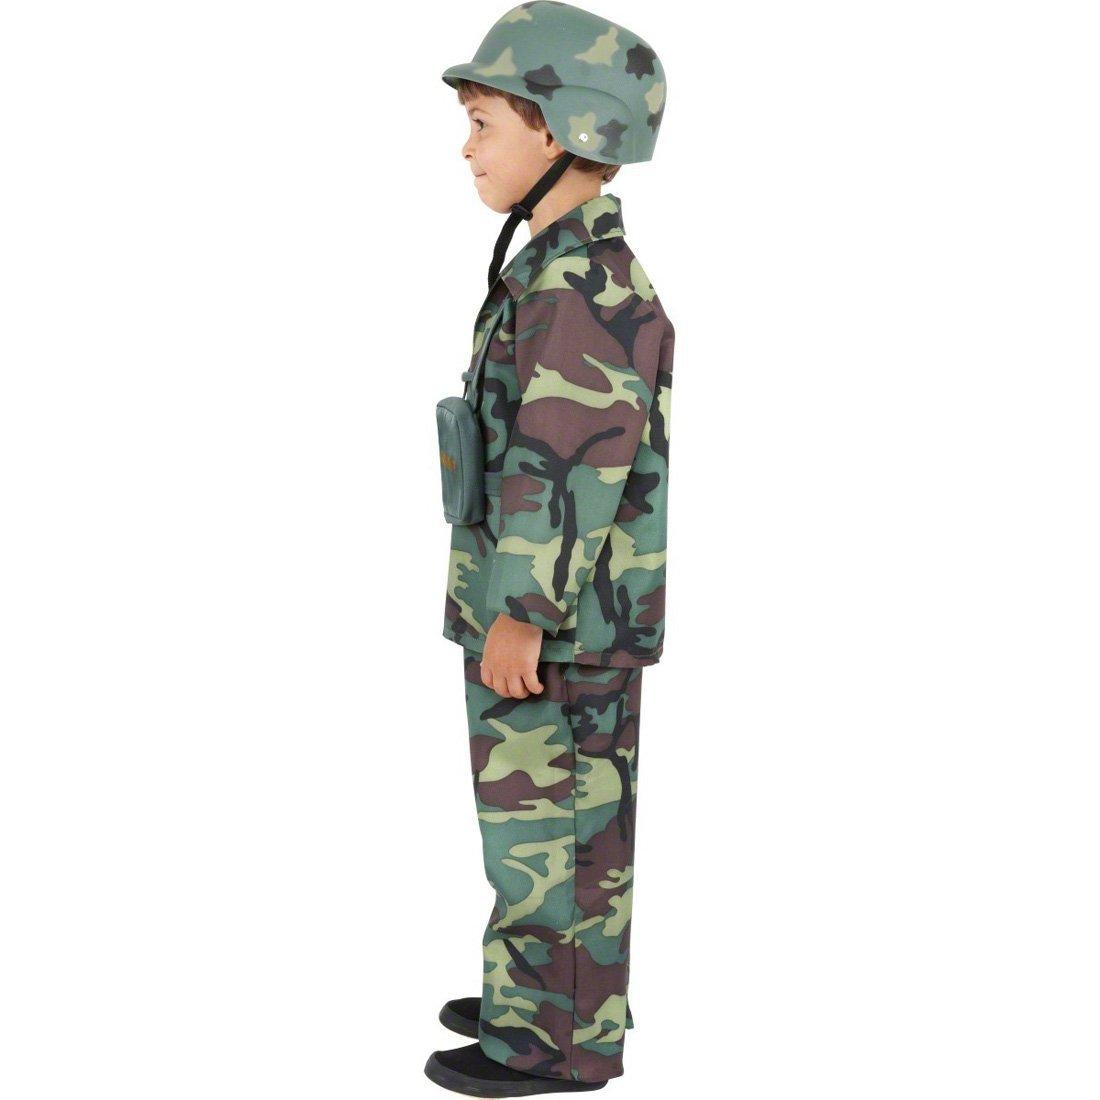 NET TOYS Traje de Soldado para niños Disfraz Militar ...